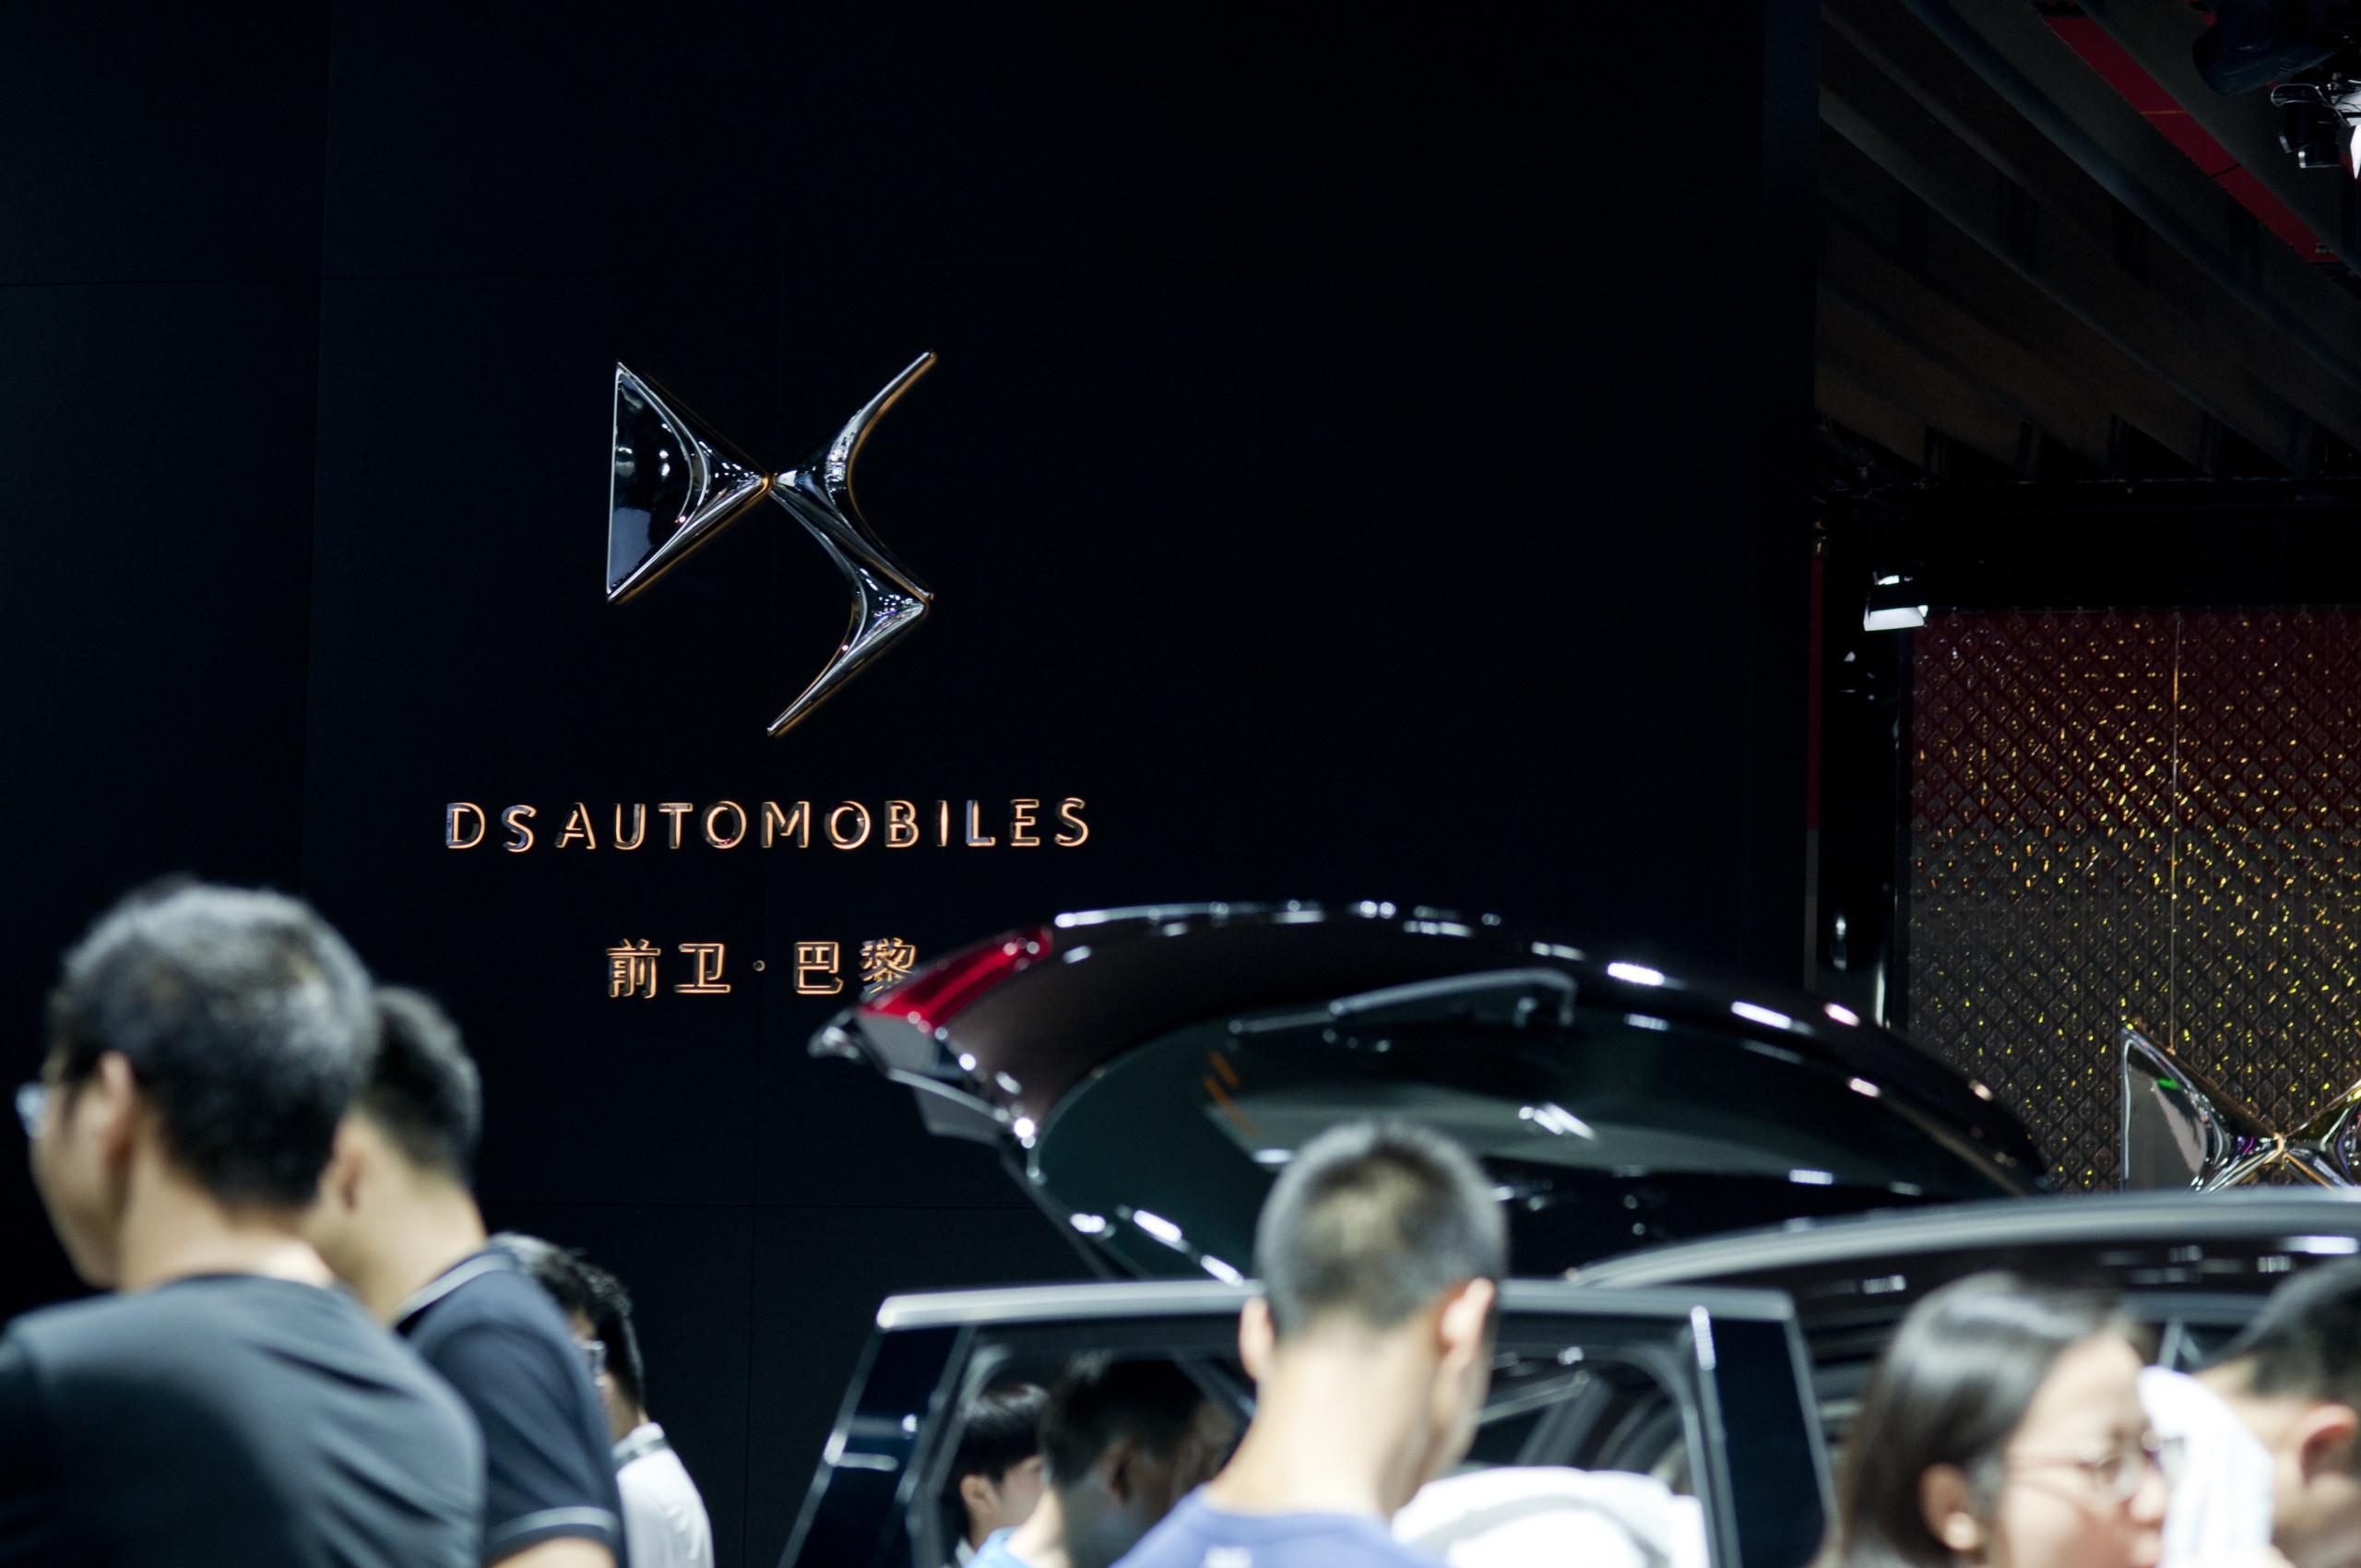 彩票app快三—官方网址22270.COM_长安汽车认赔22亿出局,与长安标致雪铁龙说再见